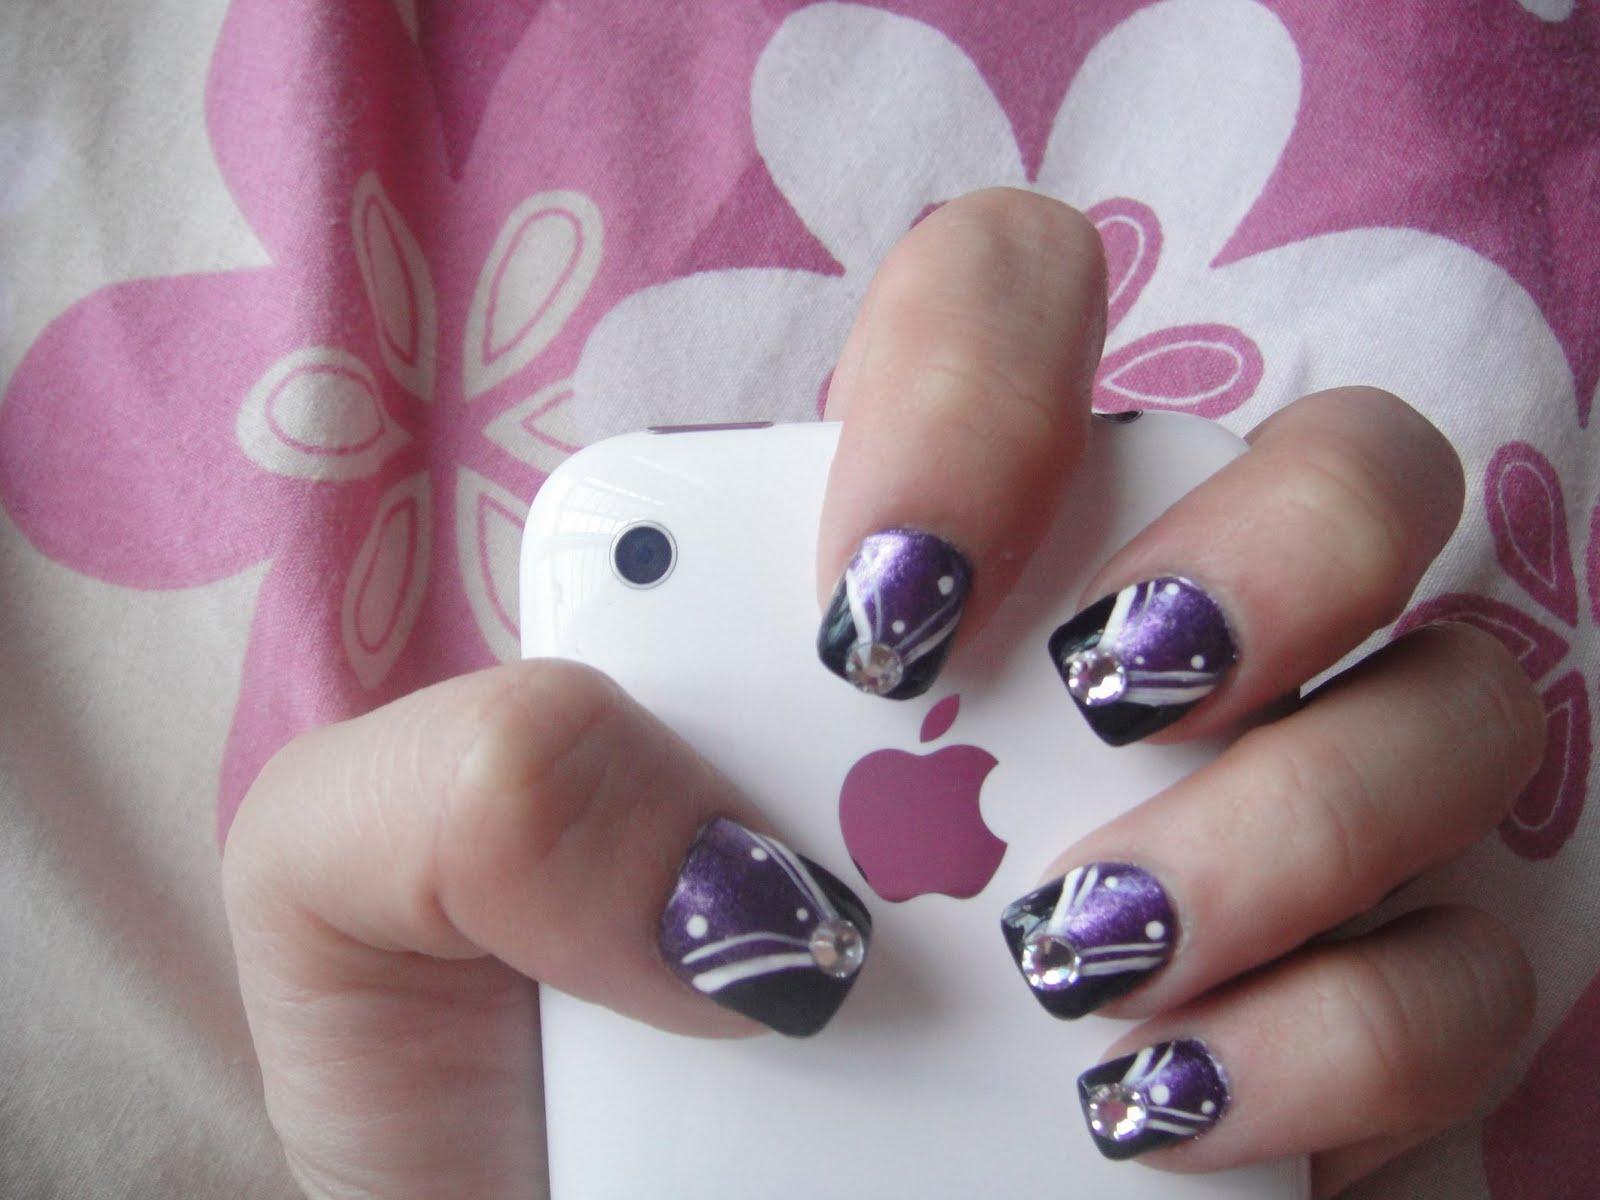 Nail designs for short nails pccala - Easy nail designs for short nails at home ...